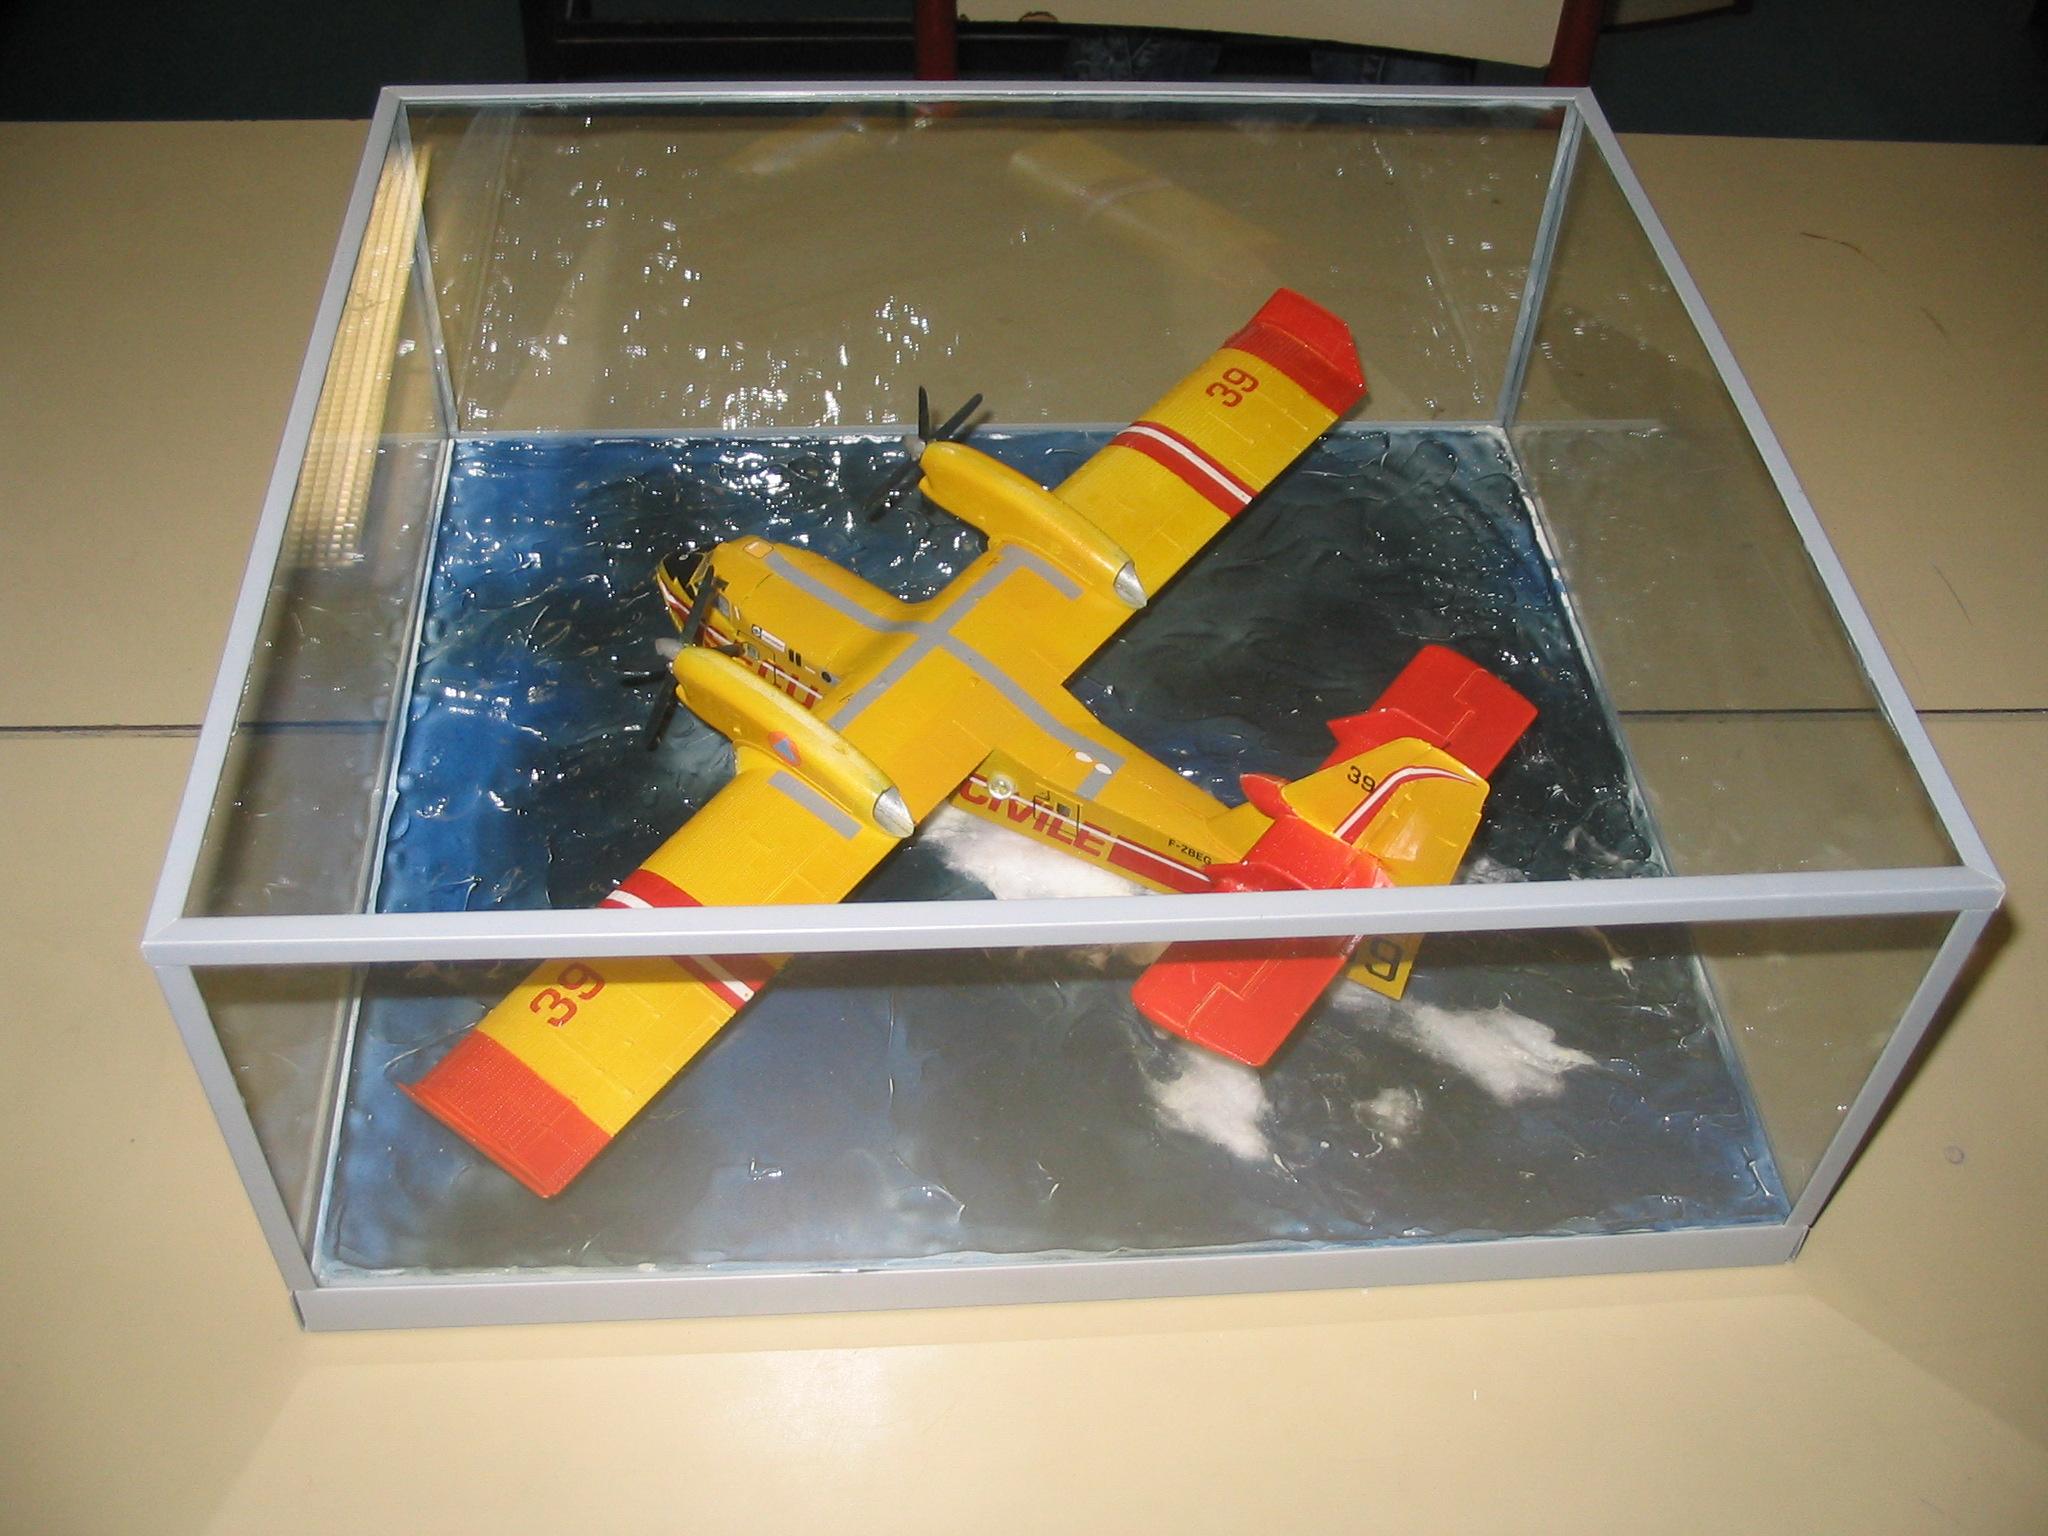 fabriquer une vitrine - Fabriquer ses propres vitrines en verre 17071907272823134915156563